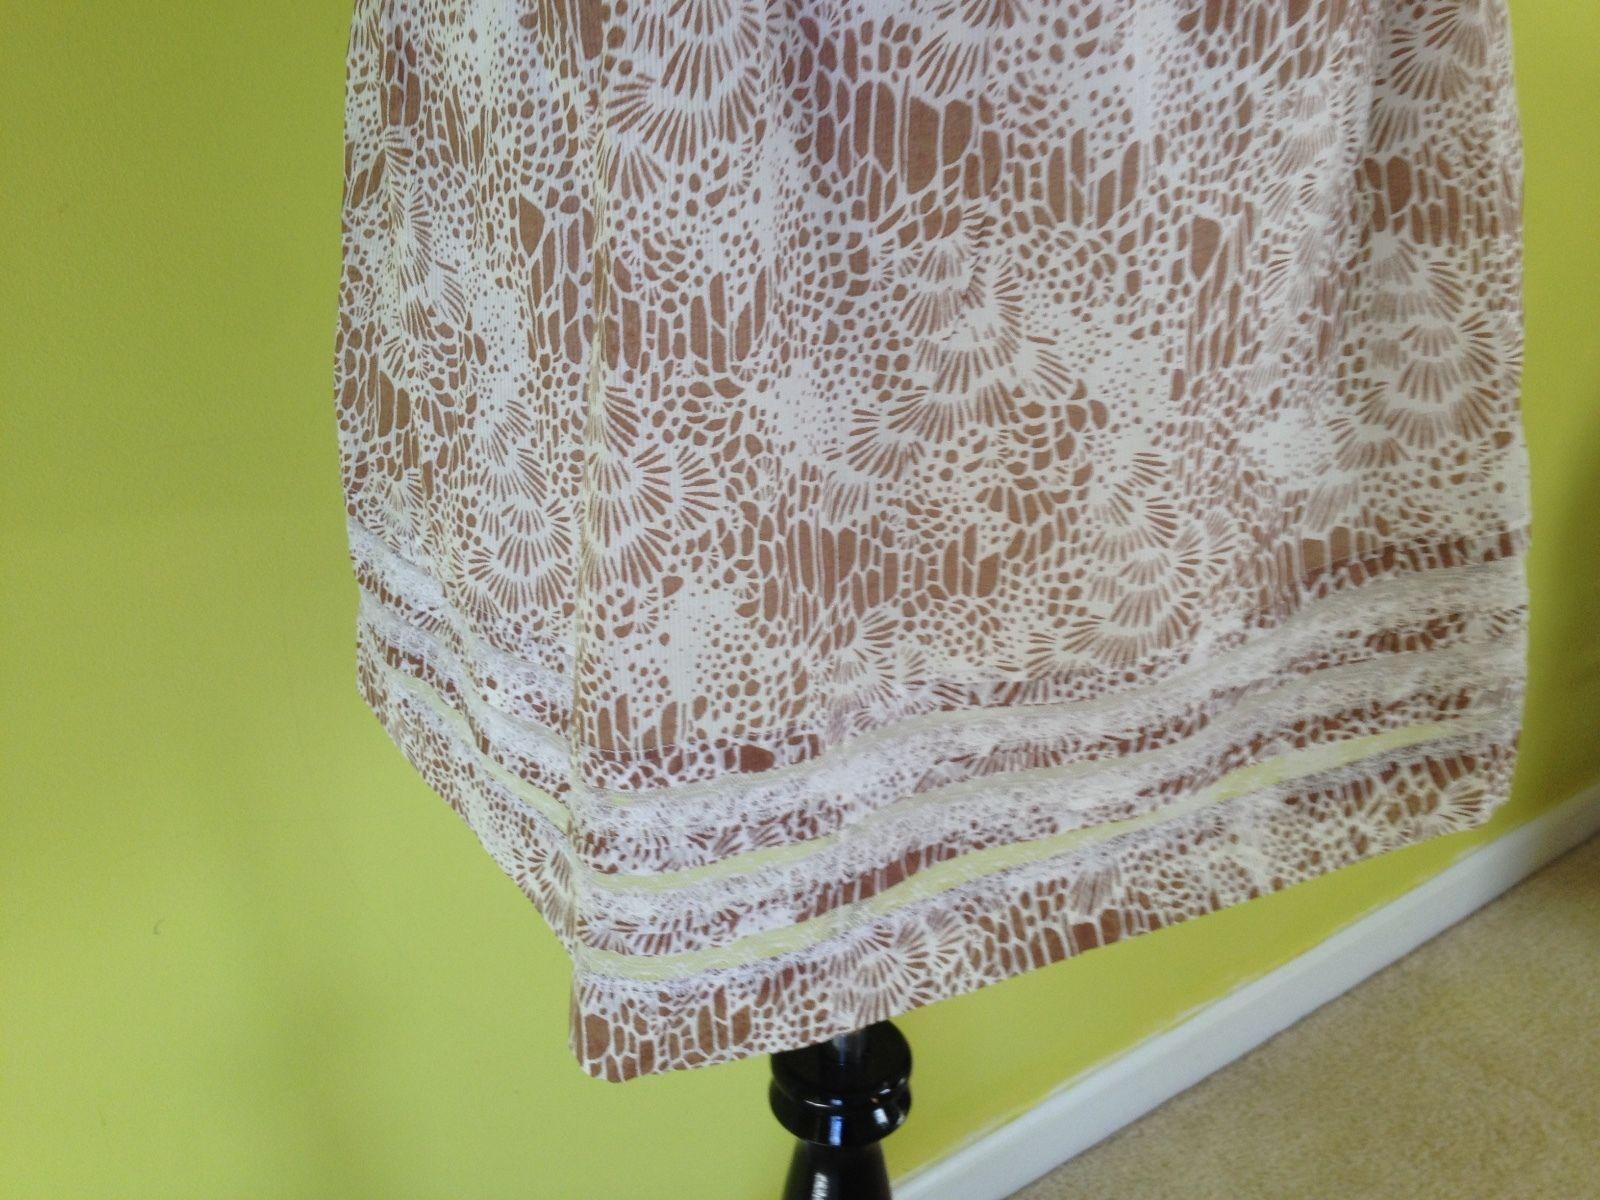 NWT!! ANN TAYLOR brown White Floral Spaghetti Strap Empire Waist Dress Size 0